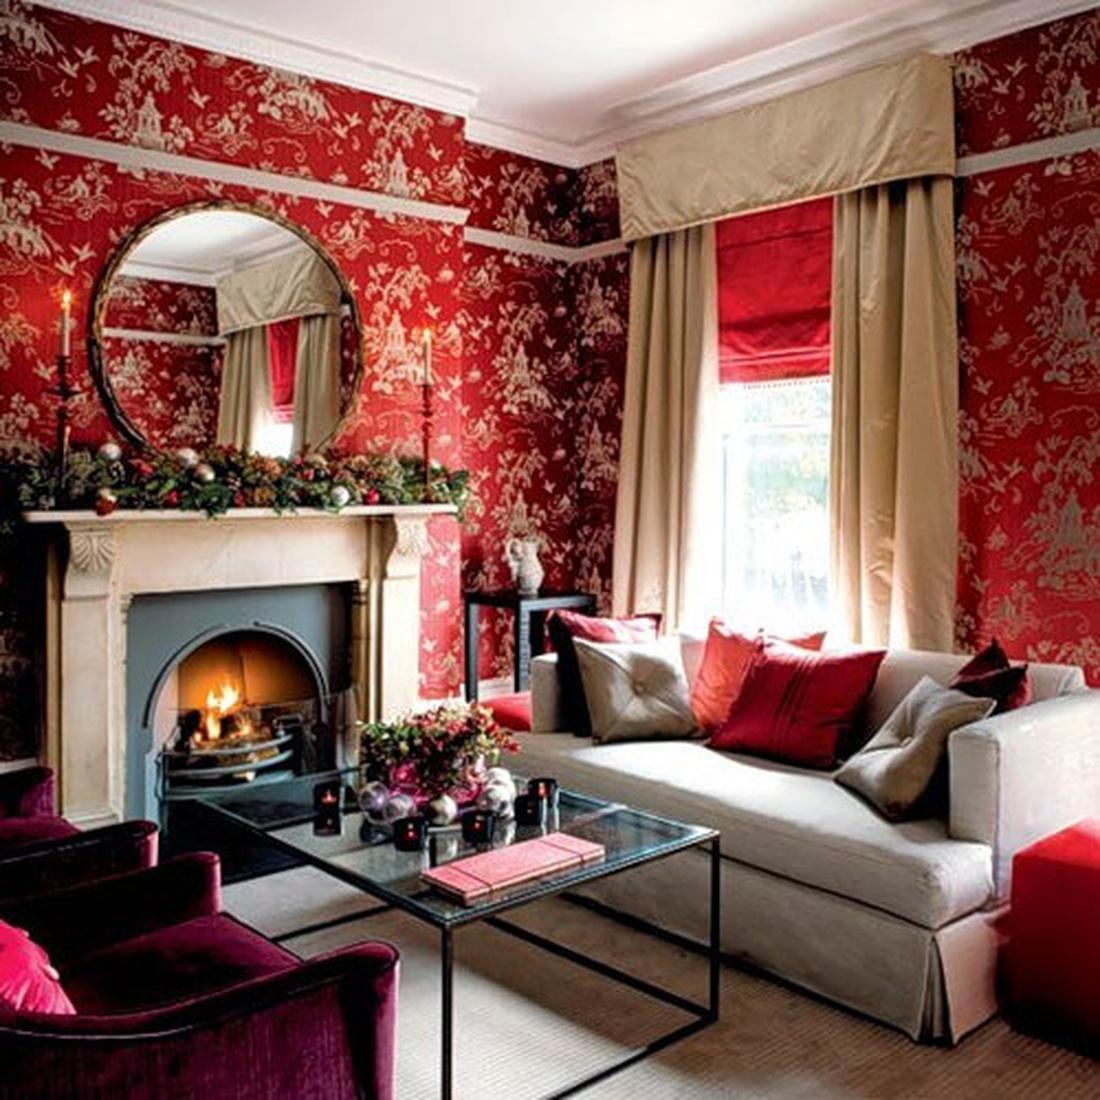 Индийский стиль гостиной-это натуральный шелк на стенах или обои, имитирующие его.